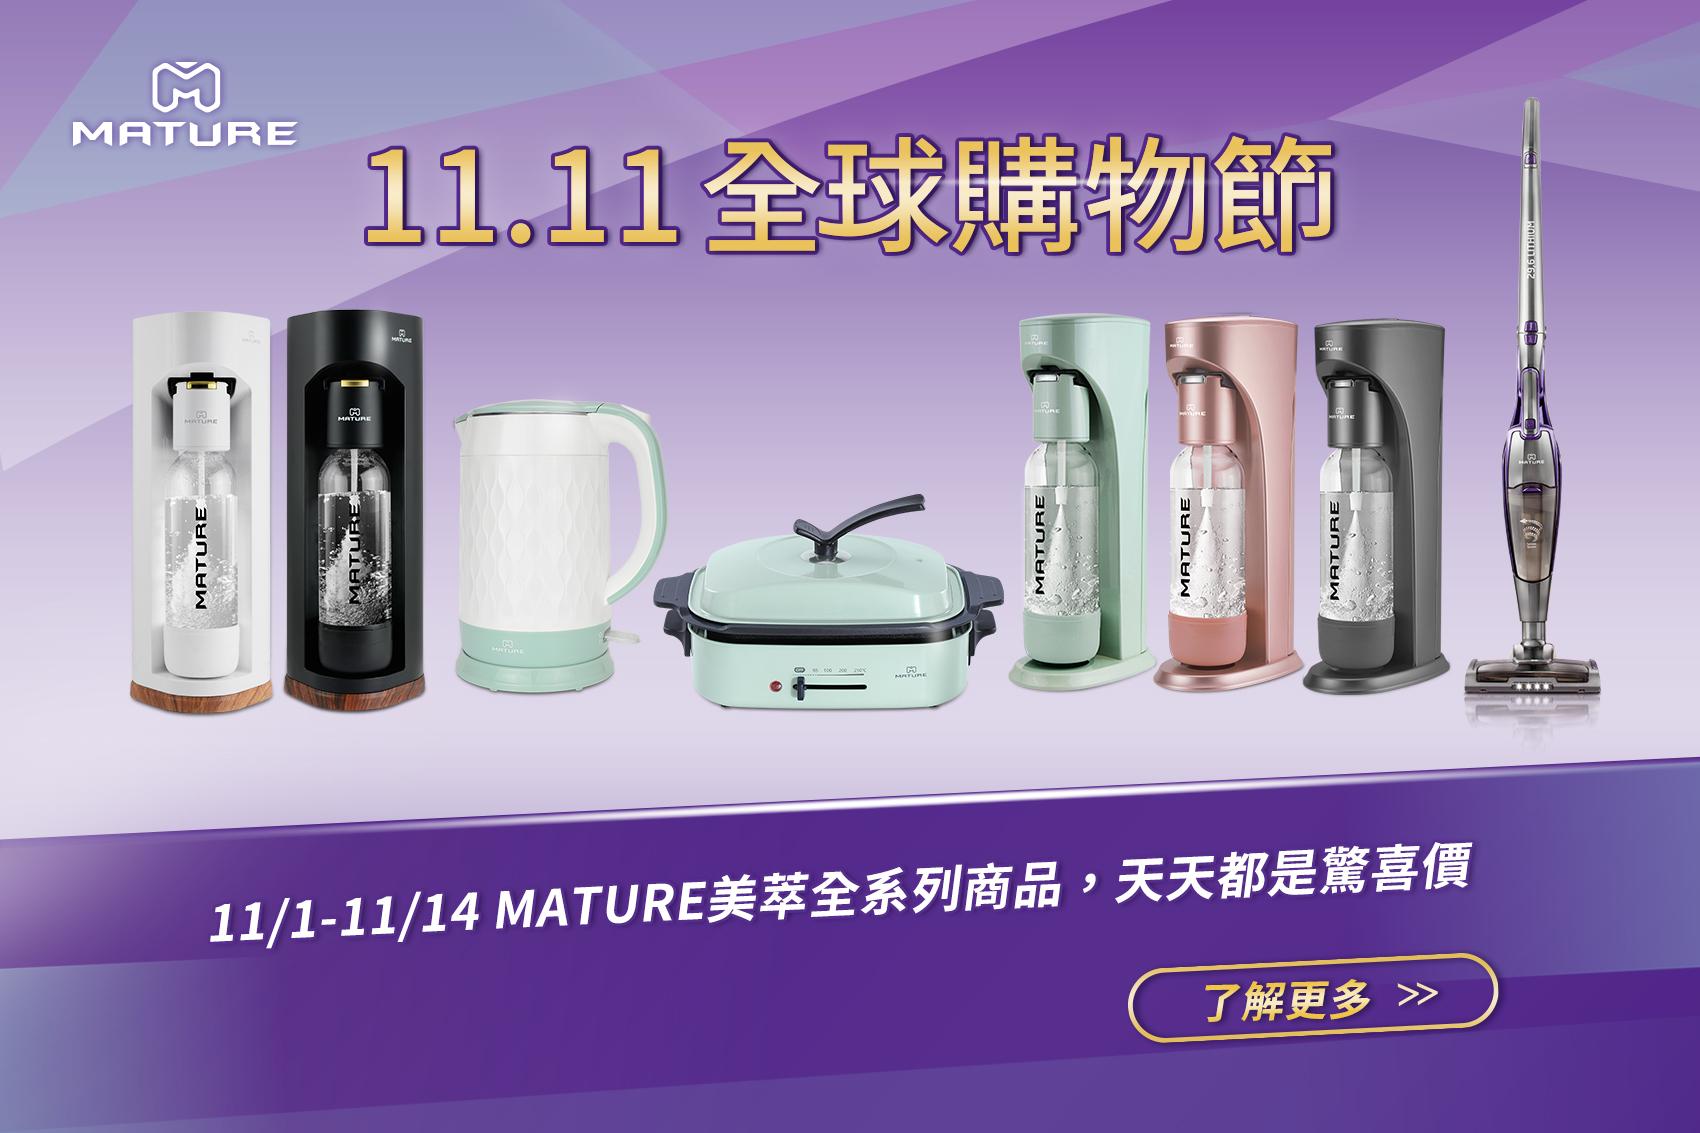 氣泡水, 喝水, 氣泡水機, CRAZY系列, Classic410, 410, MATURE美萃, 雙11, 11.11